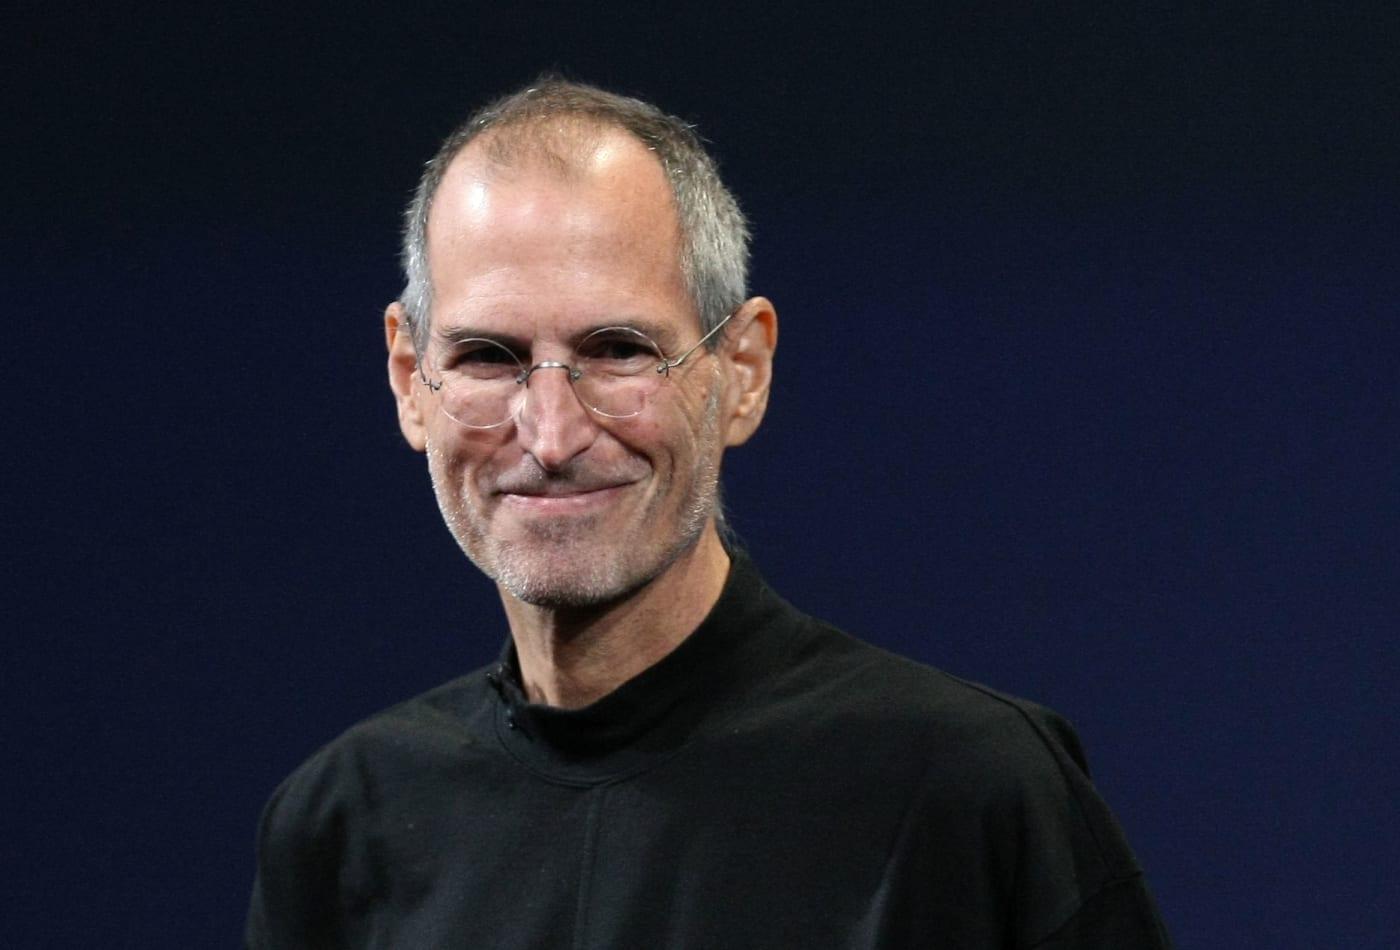 En 2011 Steve Jobs muere a la edad de 56 años de cáncer de páncreas y estas son algunas de sus últimas palabras